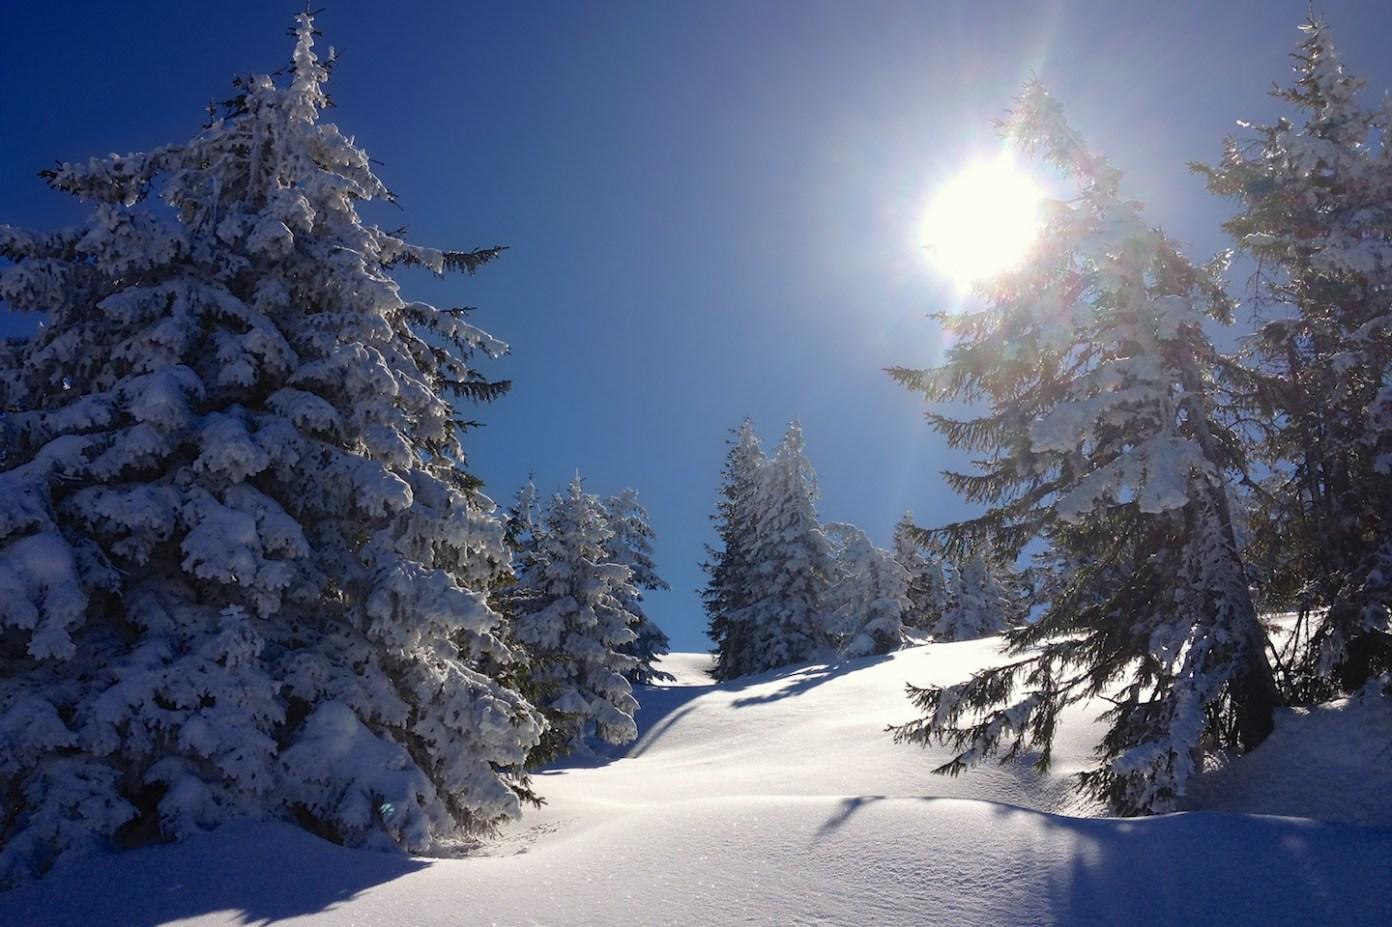 Na severních svazích nás vítá nefalšovaná zima v podobě čerstvě zasněžených stromů a závějí z prachového sněhu!